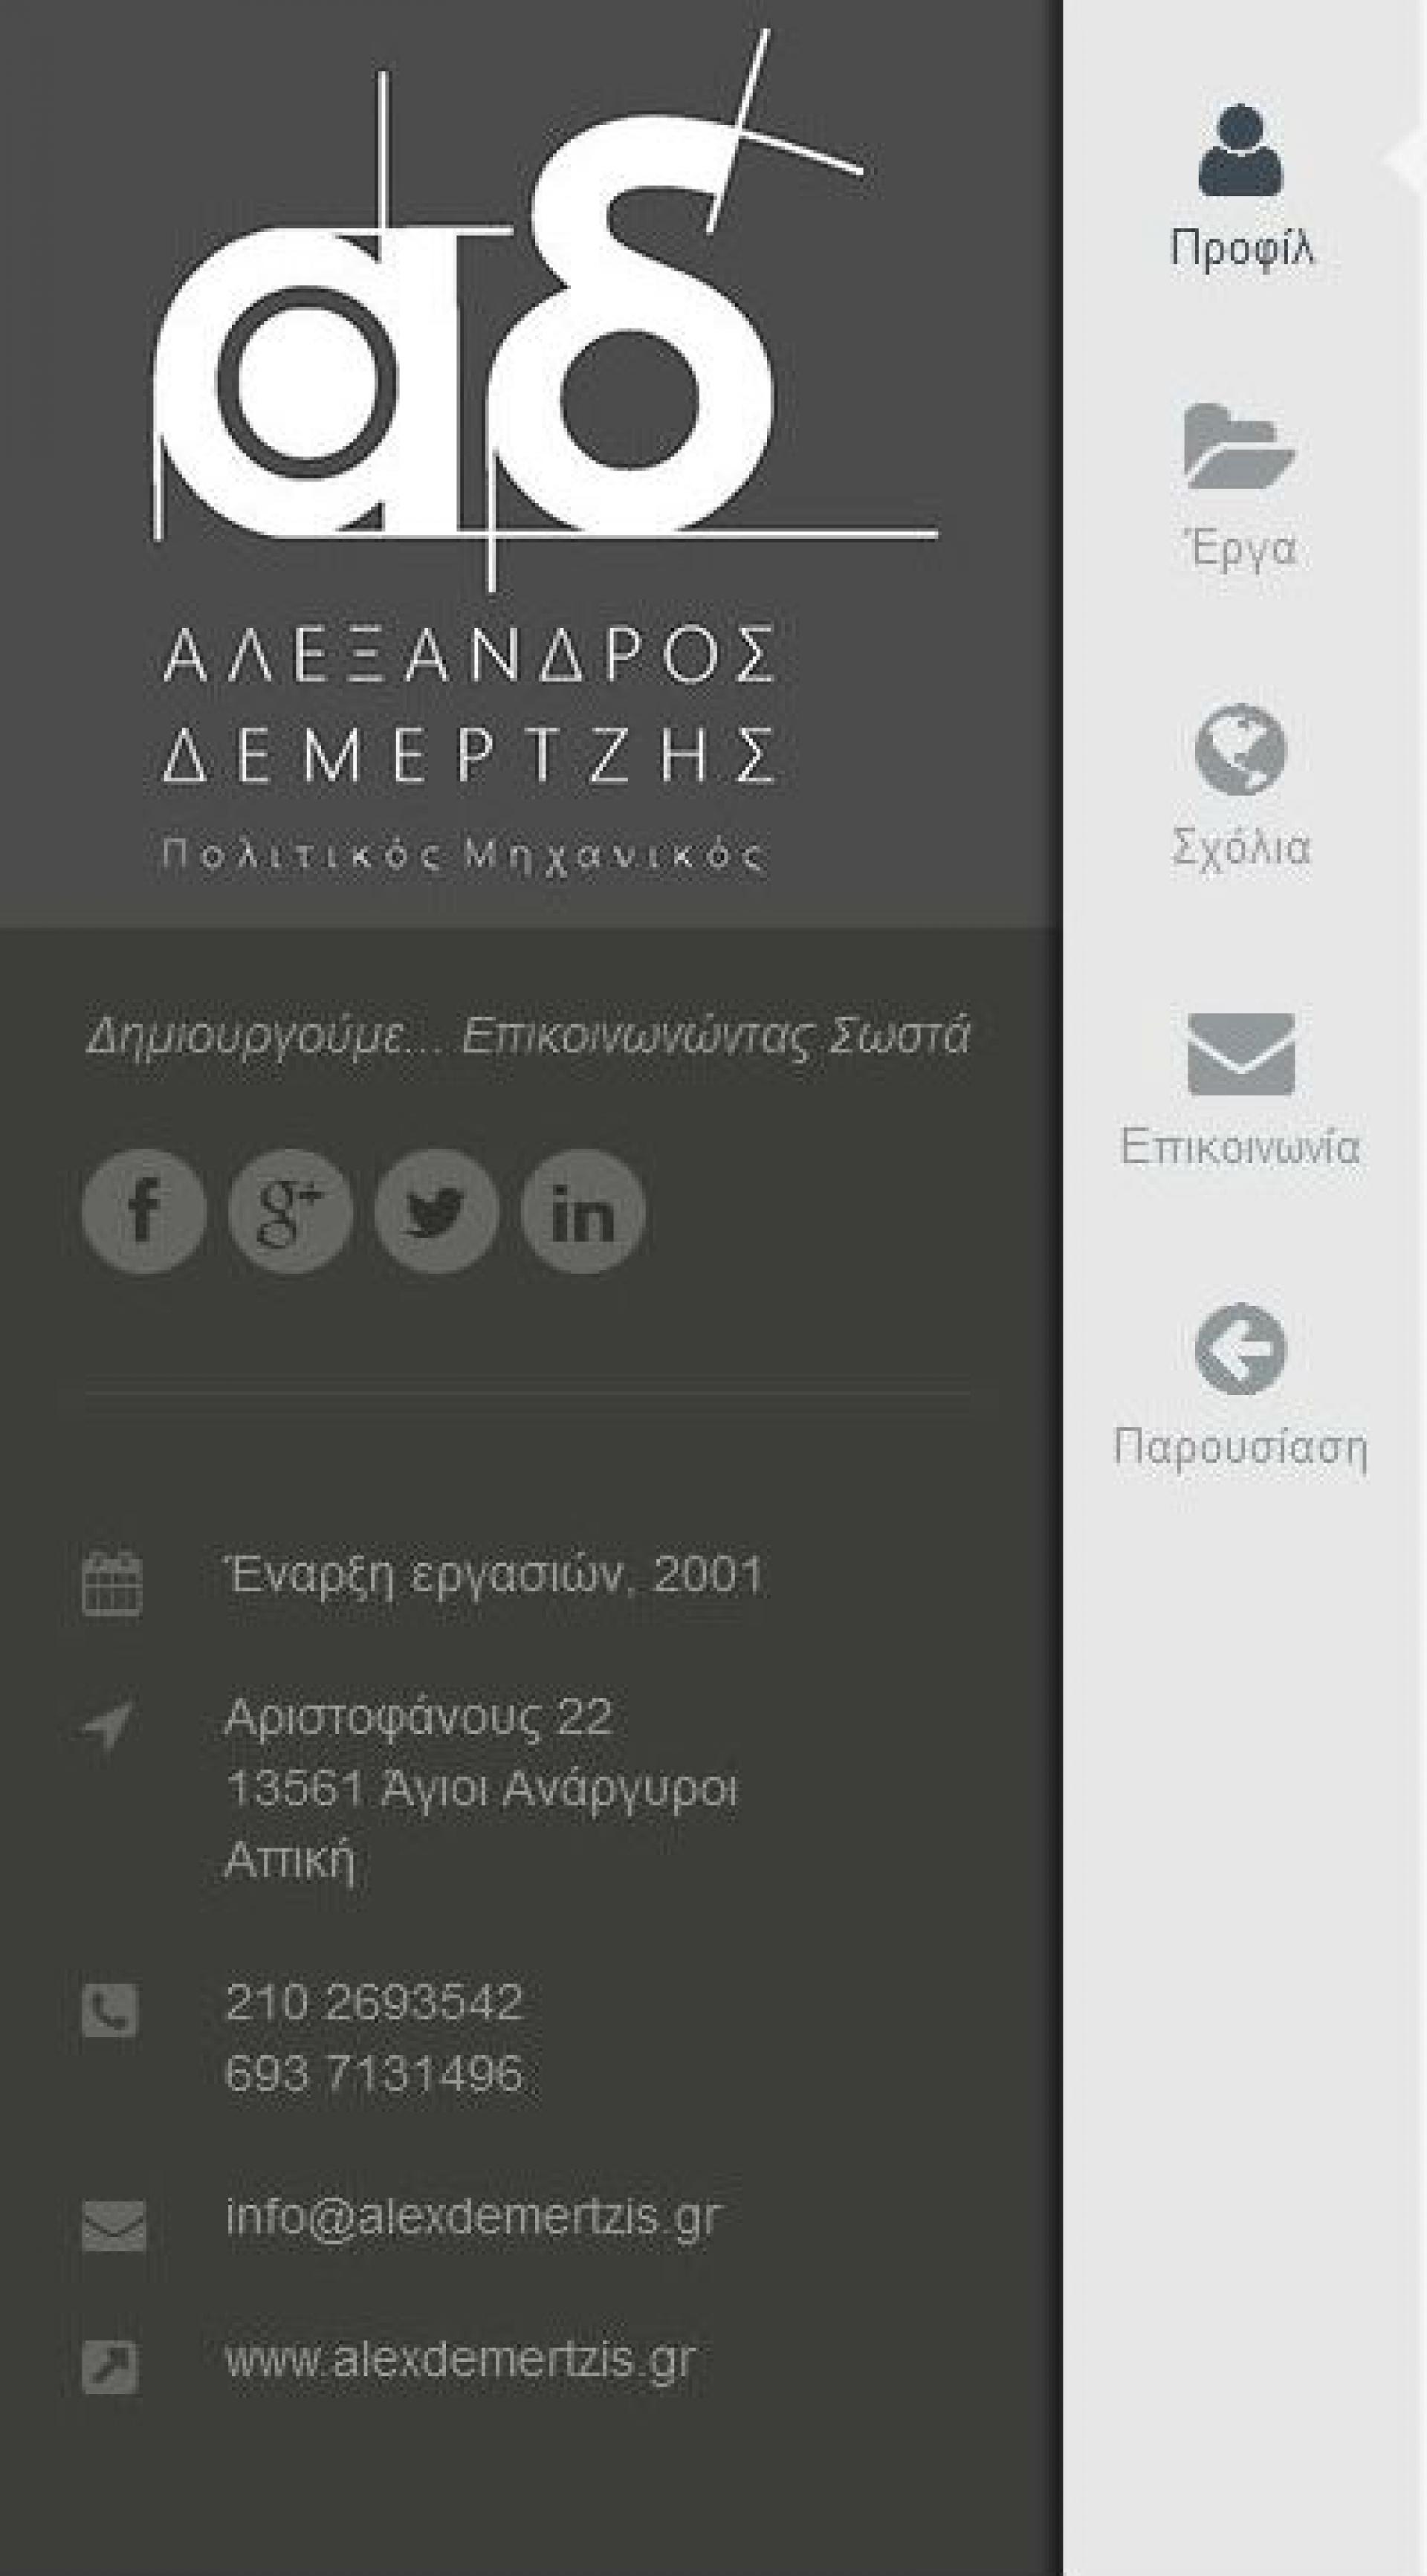 alexdemertzis.gr